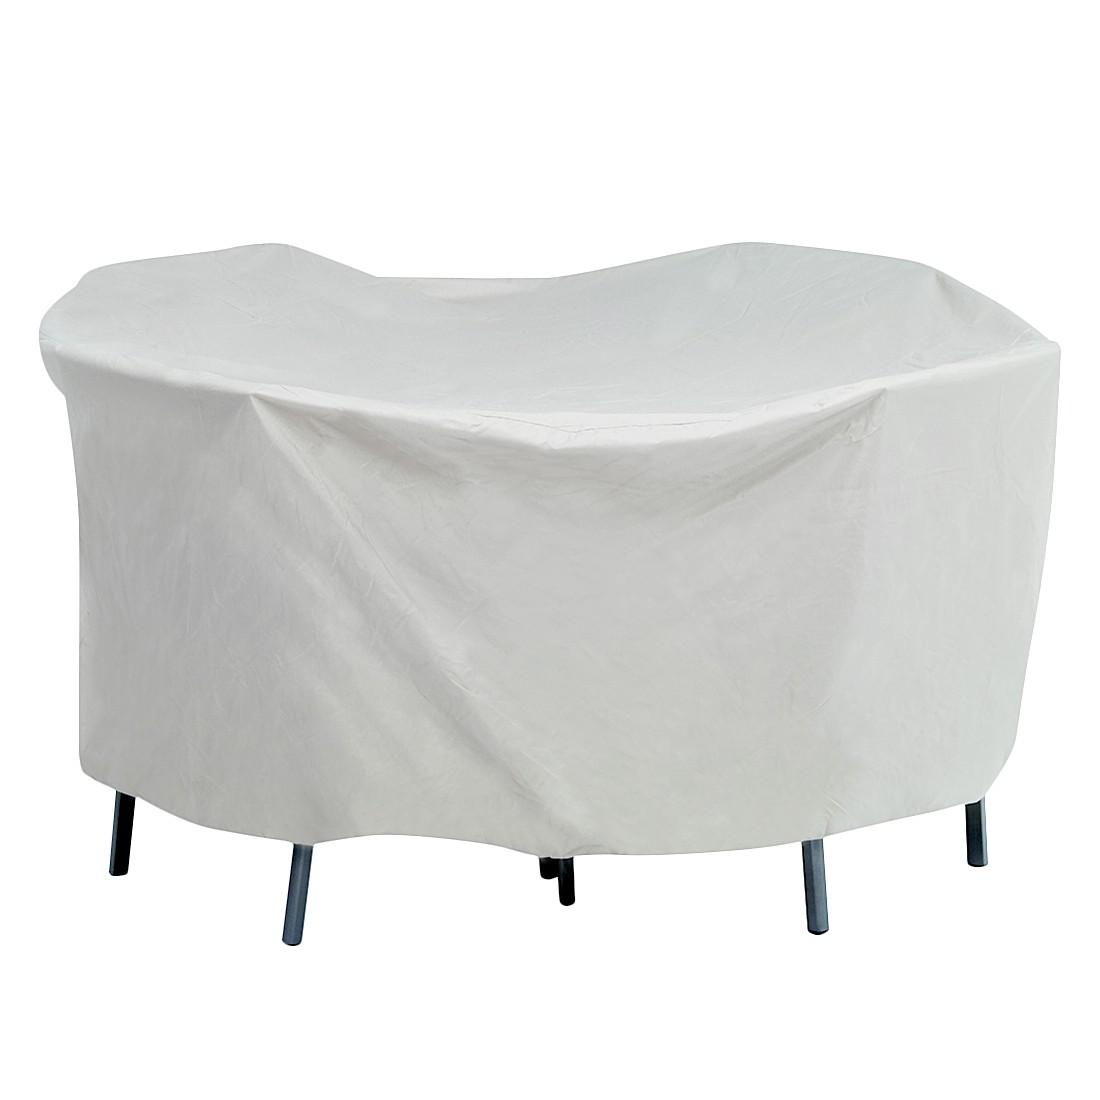 Schutzhülle für Sitzgruppe I – 215 x 215 cm – rund, Stern Garten- & Freizeitmöbel günstig bestellen